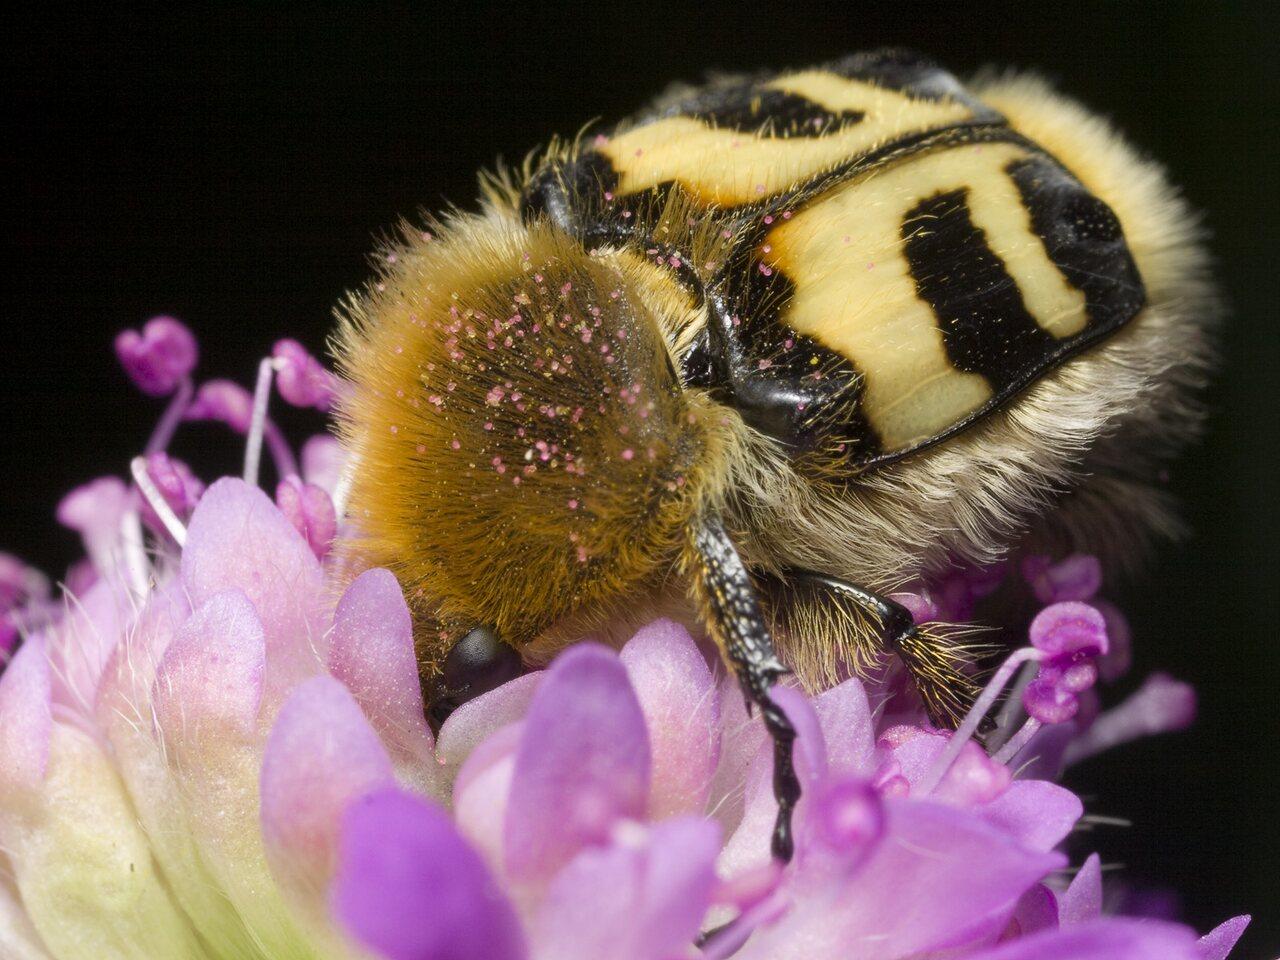 Trichius-fasciatus-0870.jpg